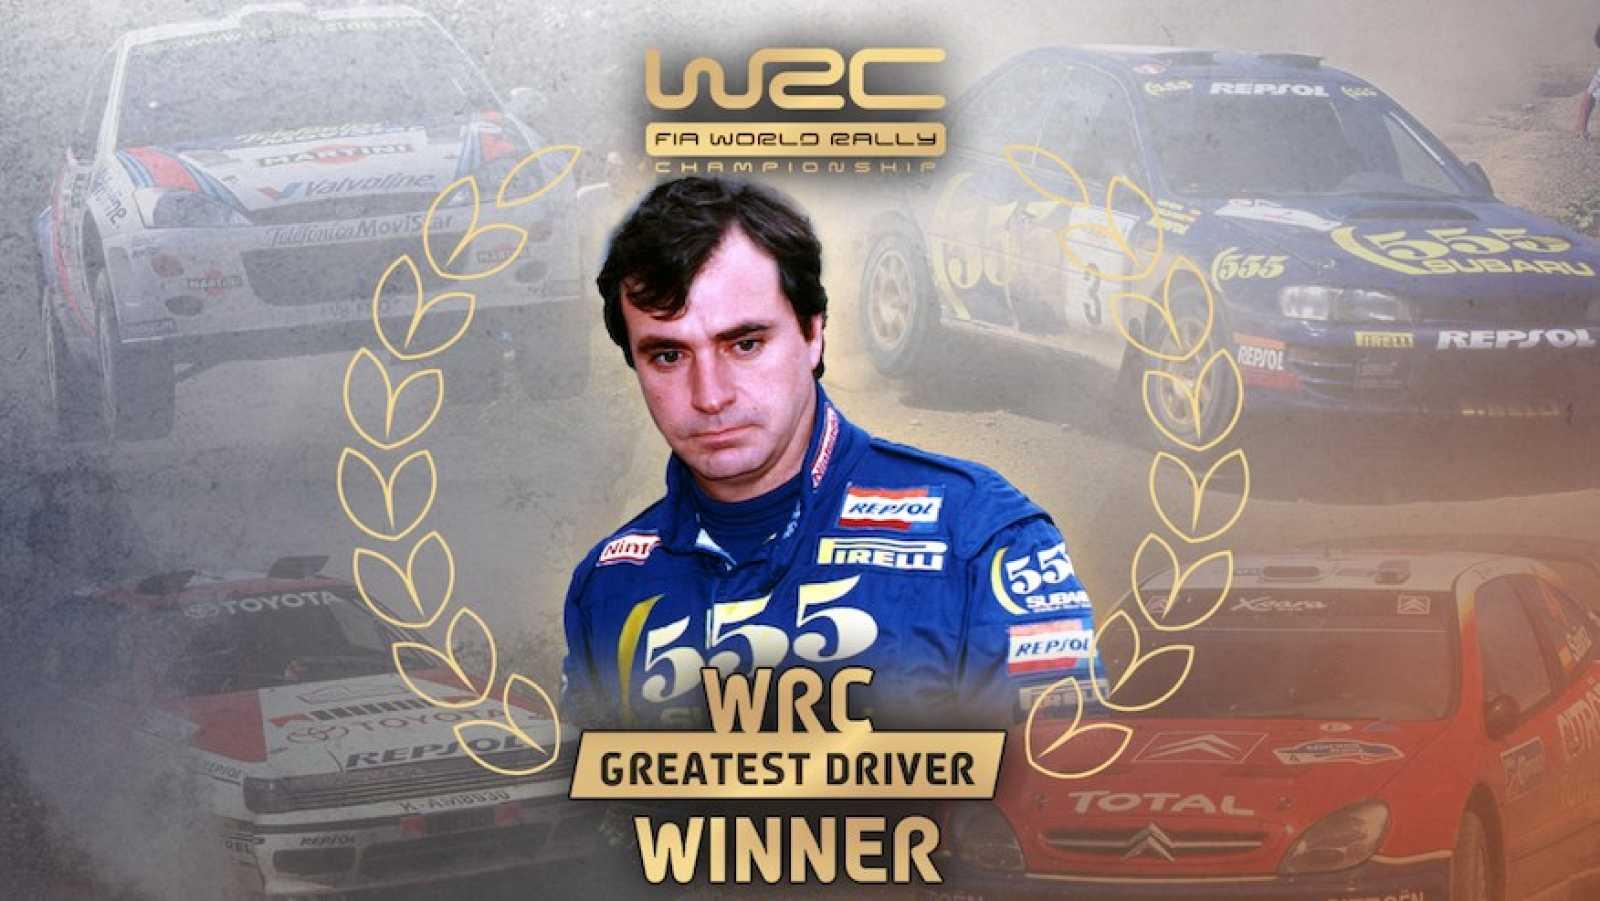 Carlos Sainz, elegido mejor piloto de la historia del Mundial de rallies